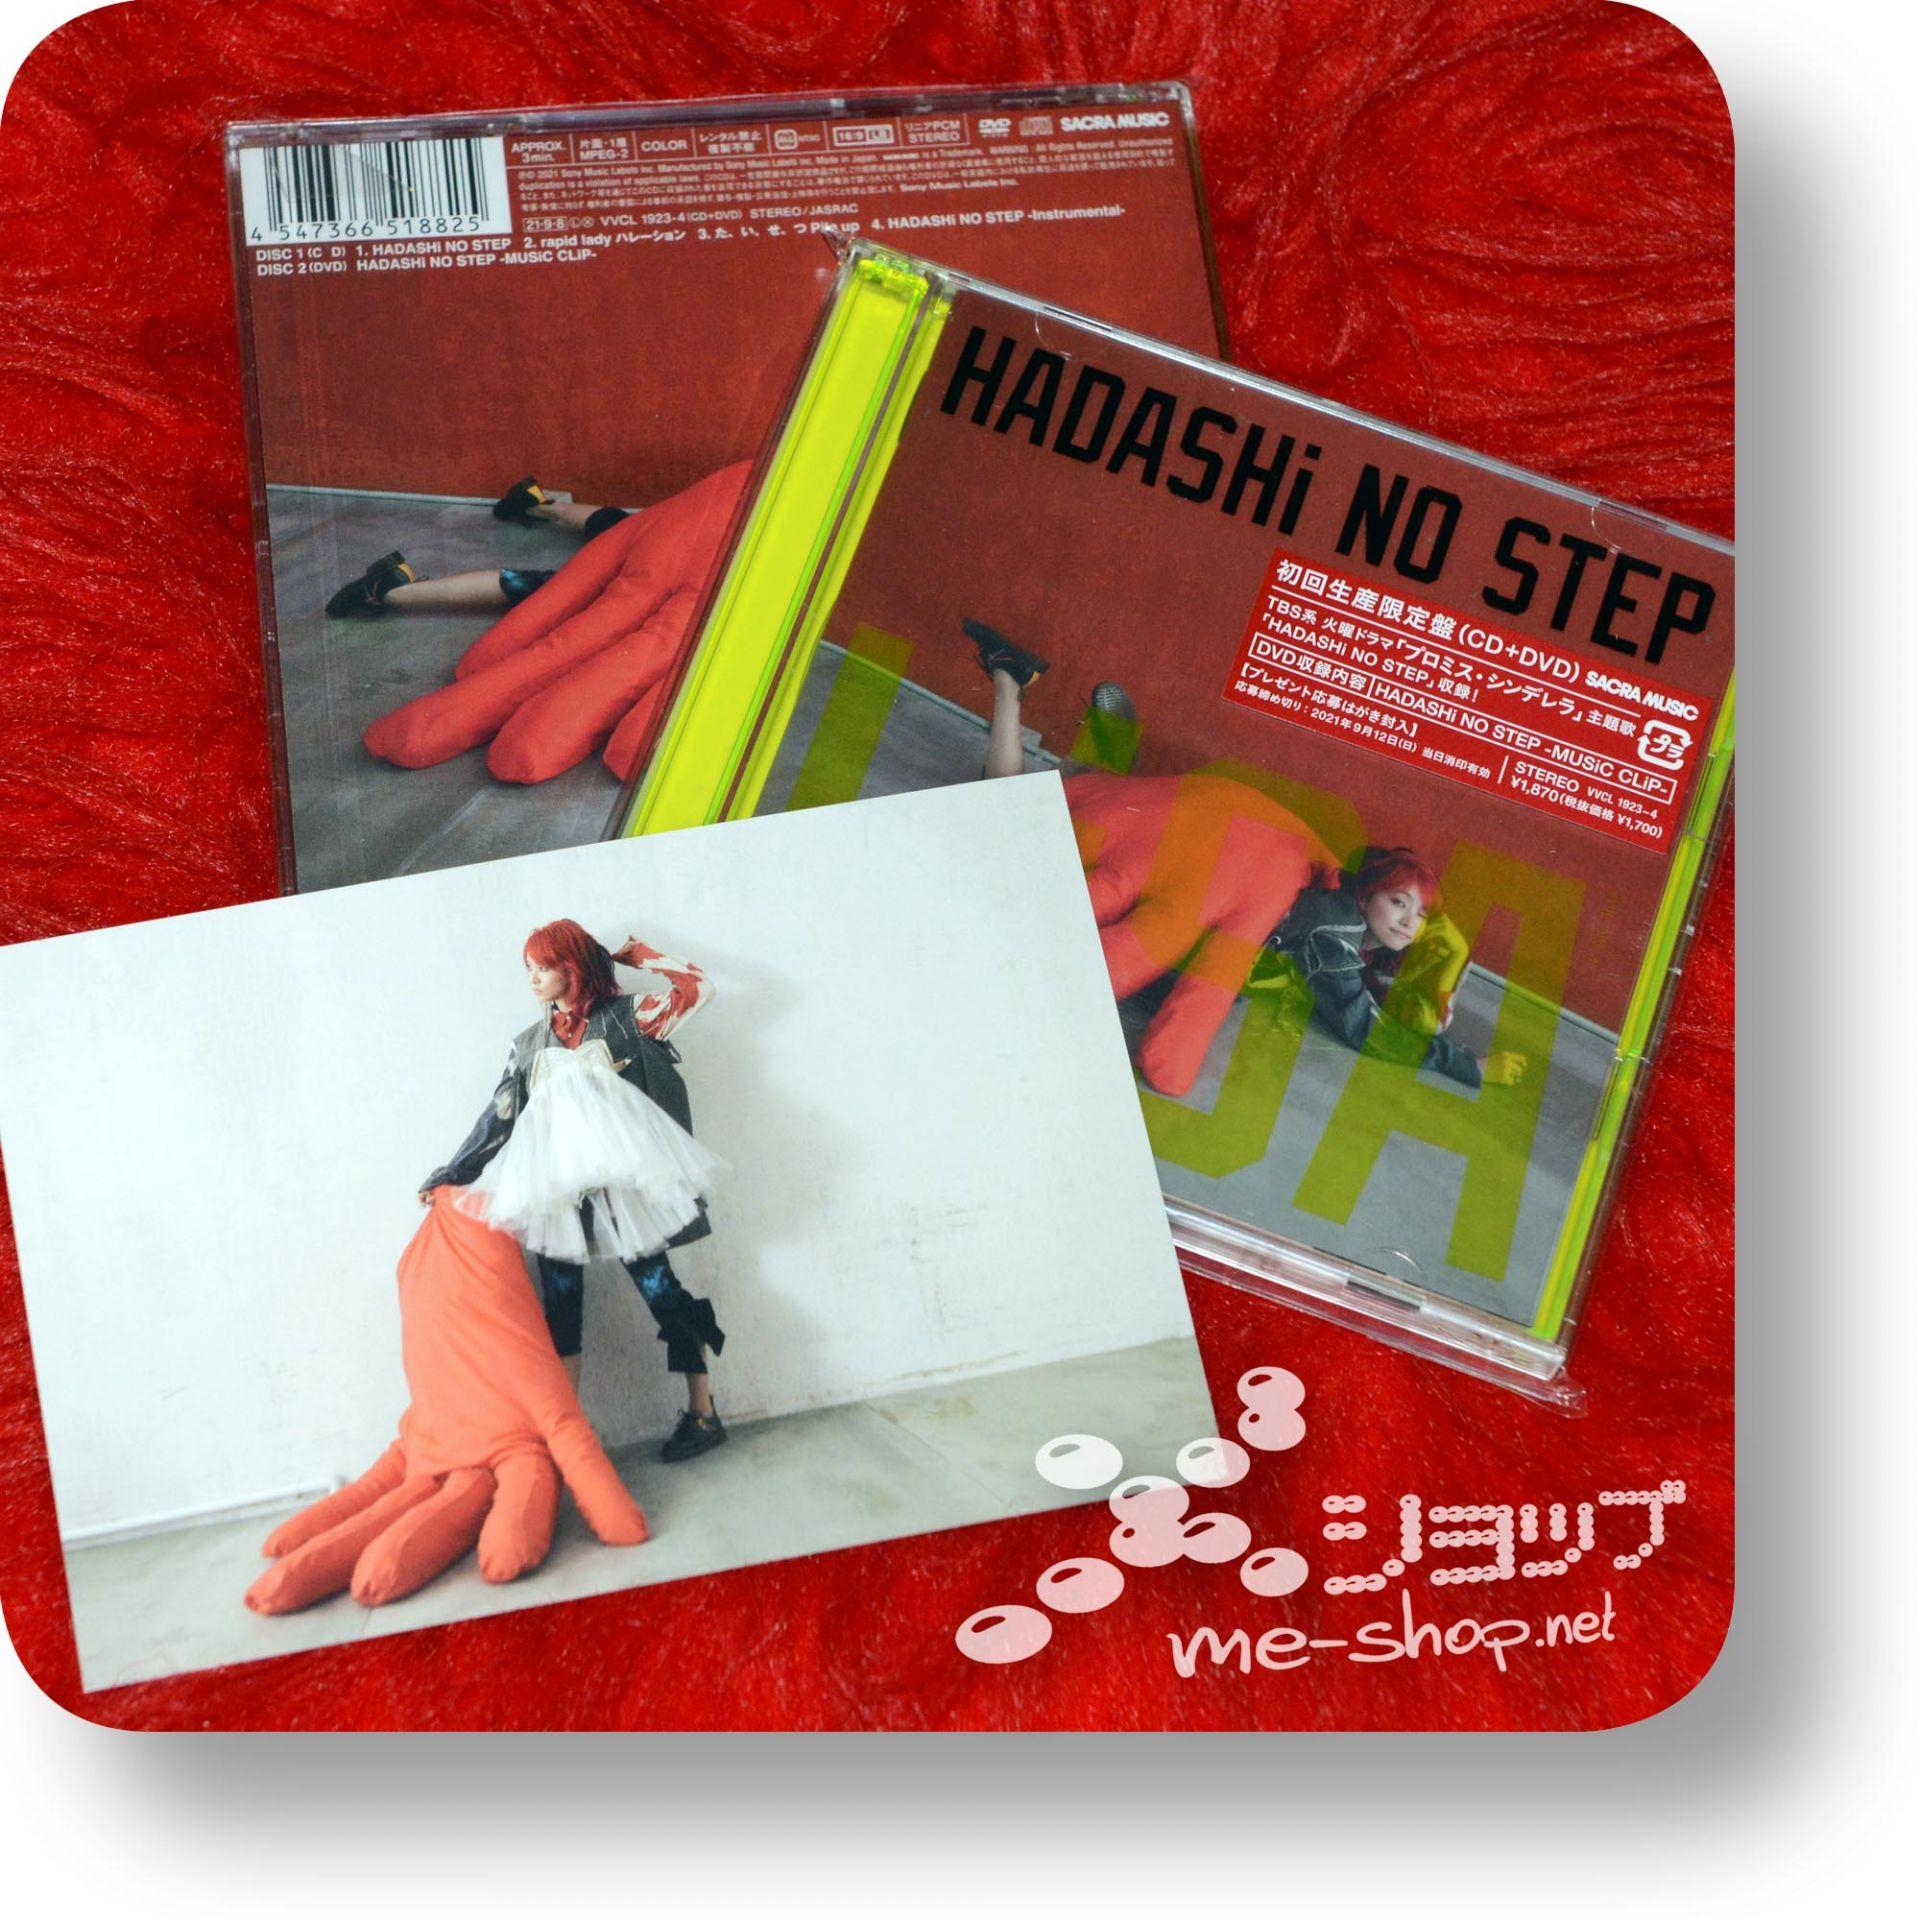 lisa hadashi no step cd+dvd+bonus